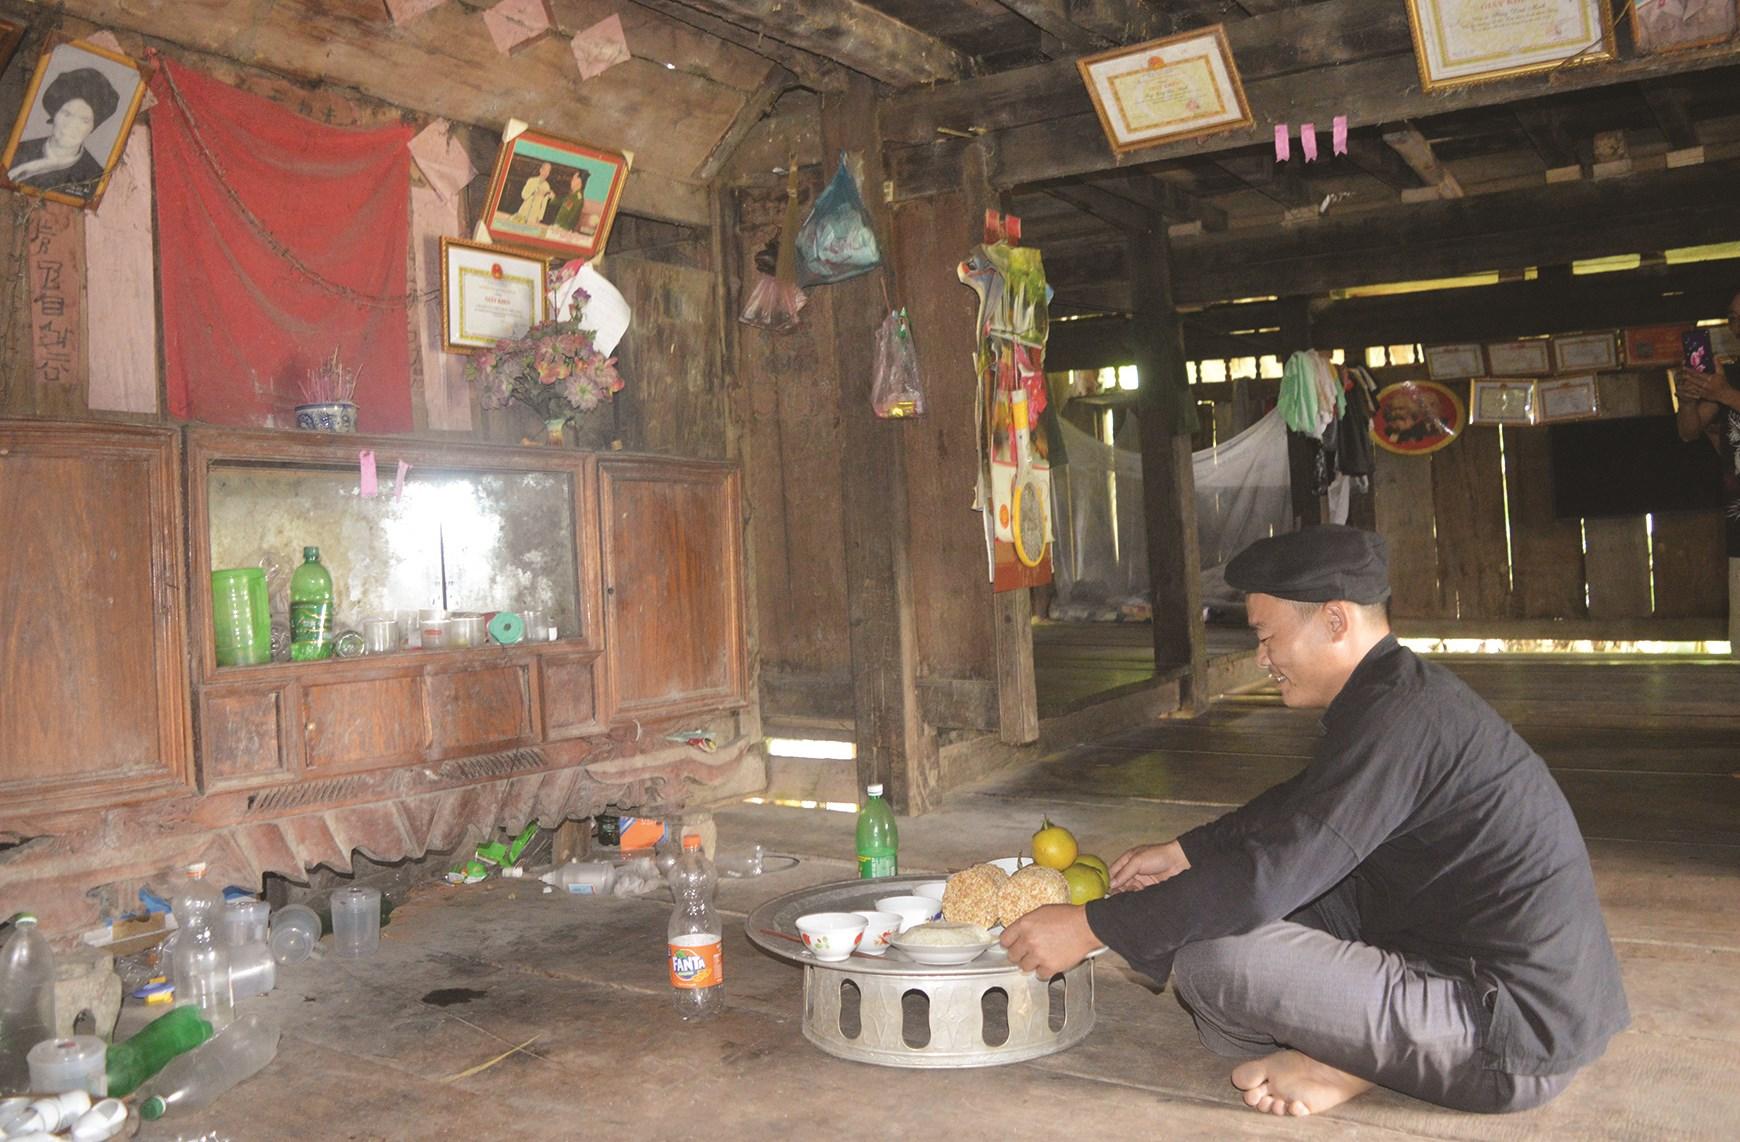 Anh Sùng Văn Tây, thôn Yểng, xã Hùng Lợi (Yên Sơn) dâng lễ báo cáo tổ tiên trong Lễ cúng cơm mới.